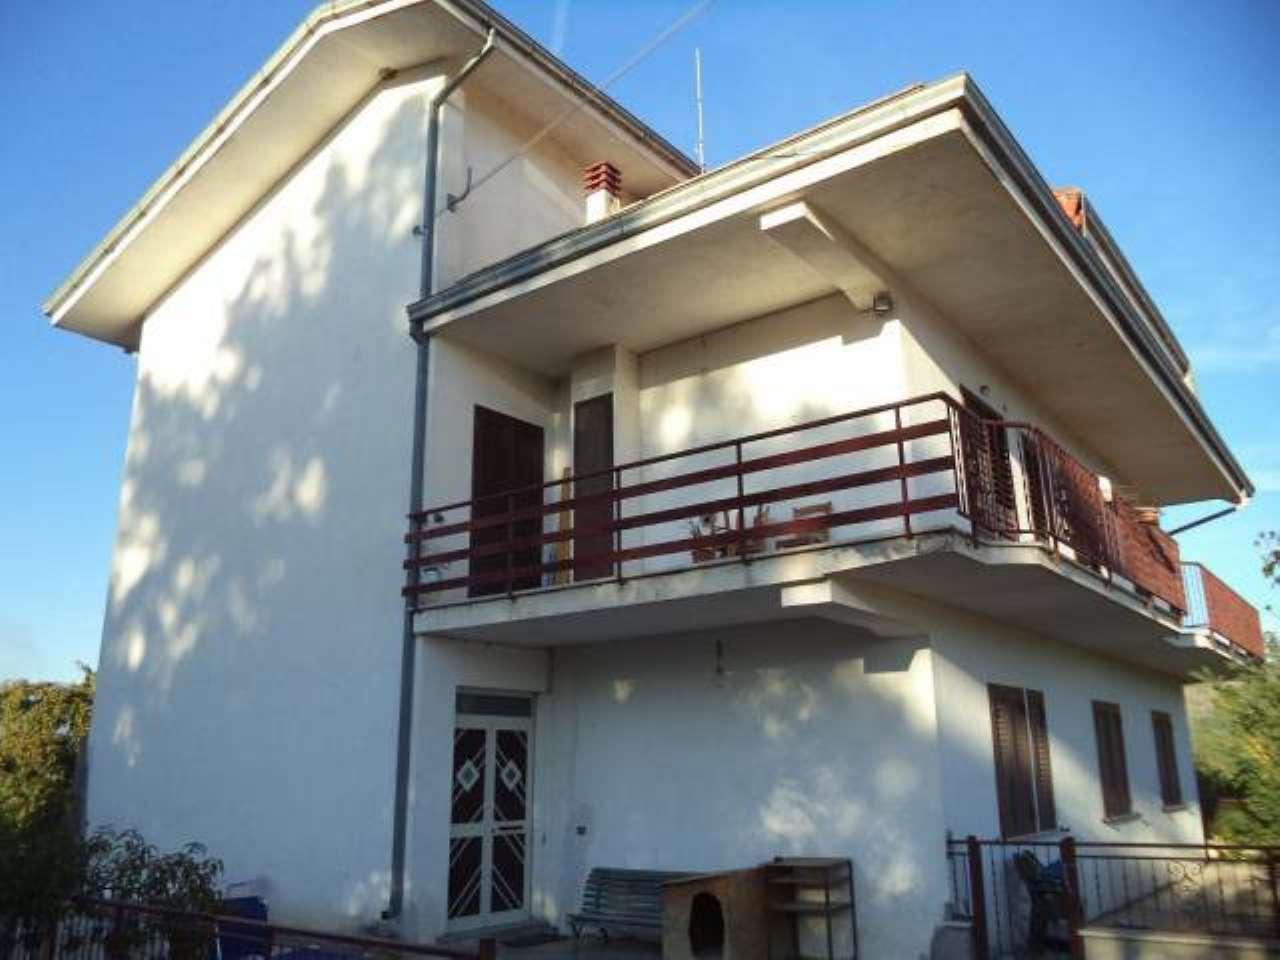 Villa in vendita a Arce, 6 locali, prezzo € 178.000 | CambioCasa.it